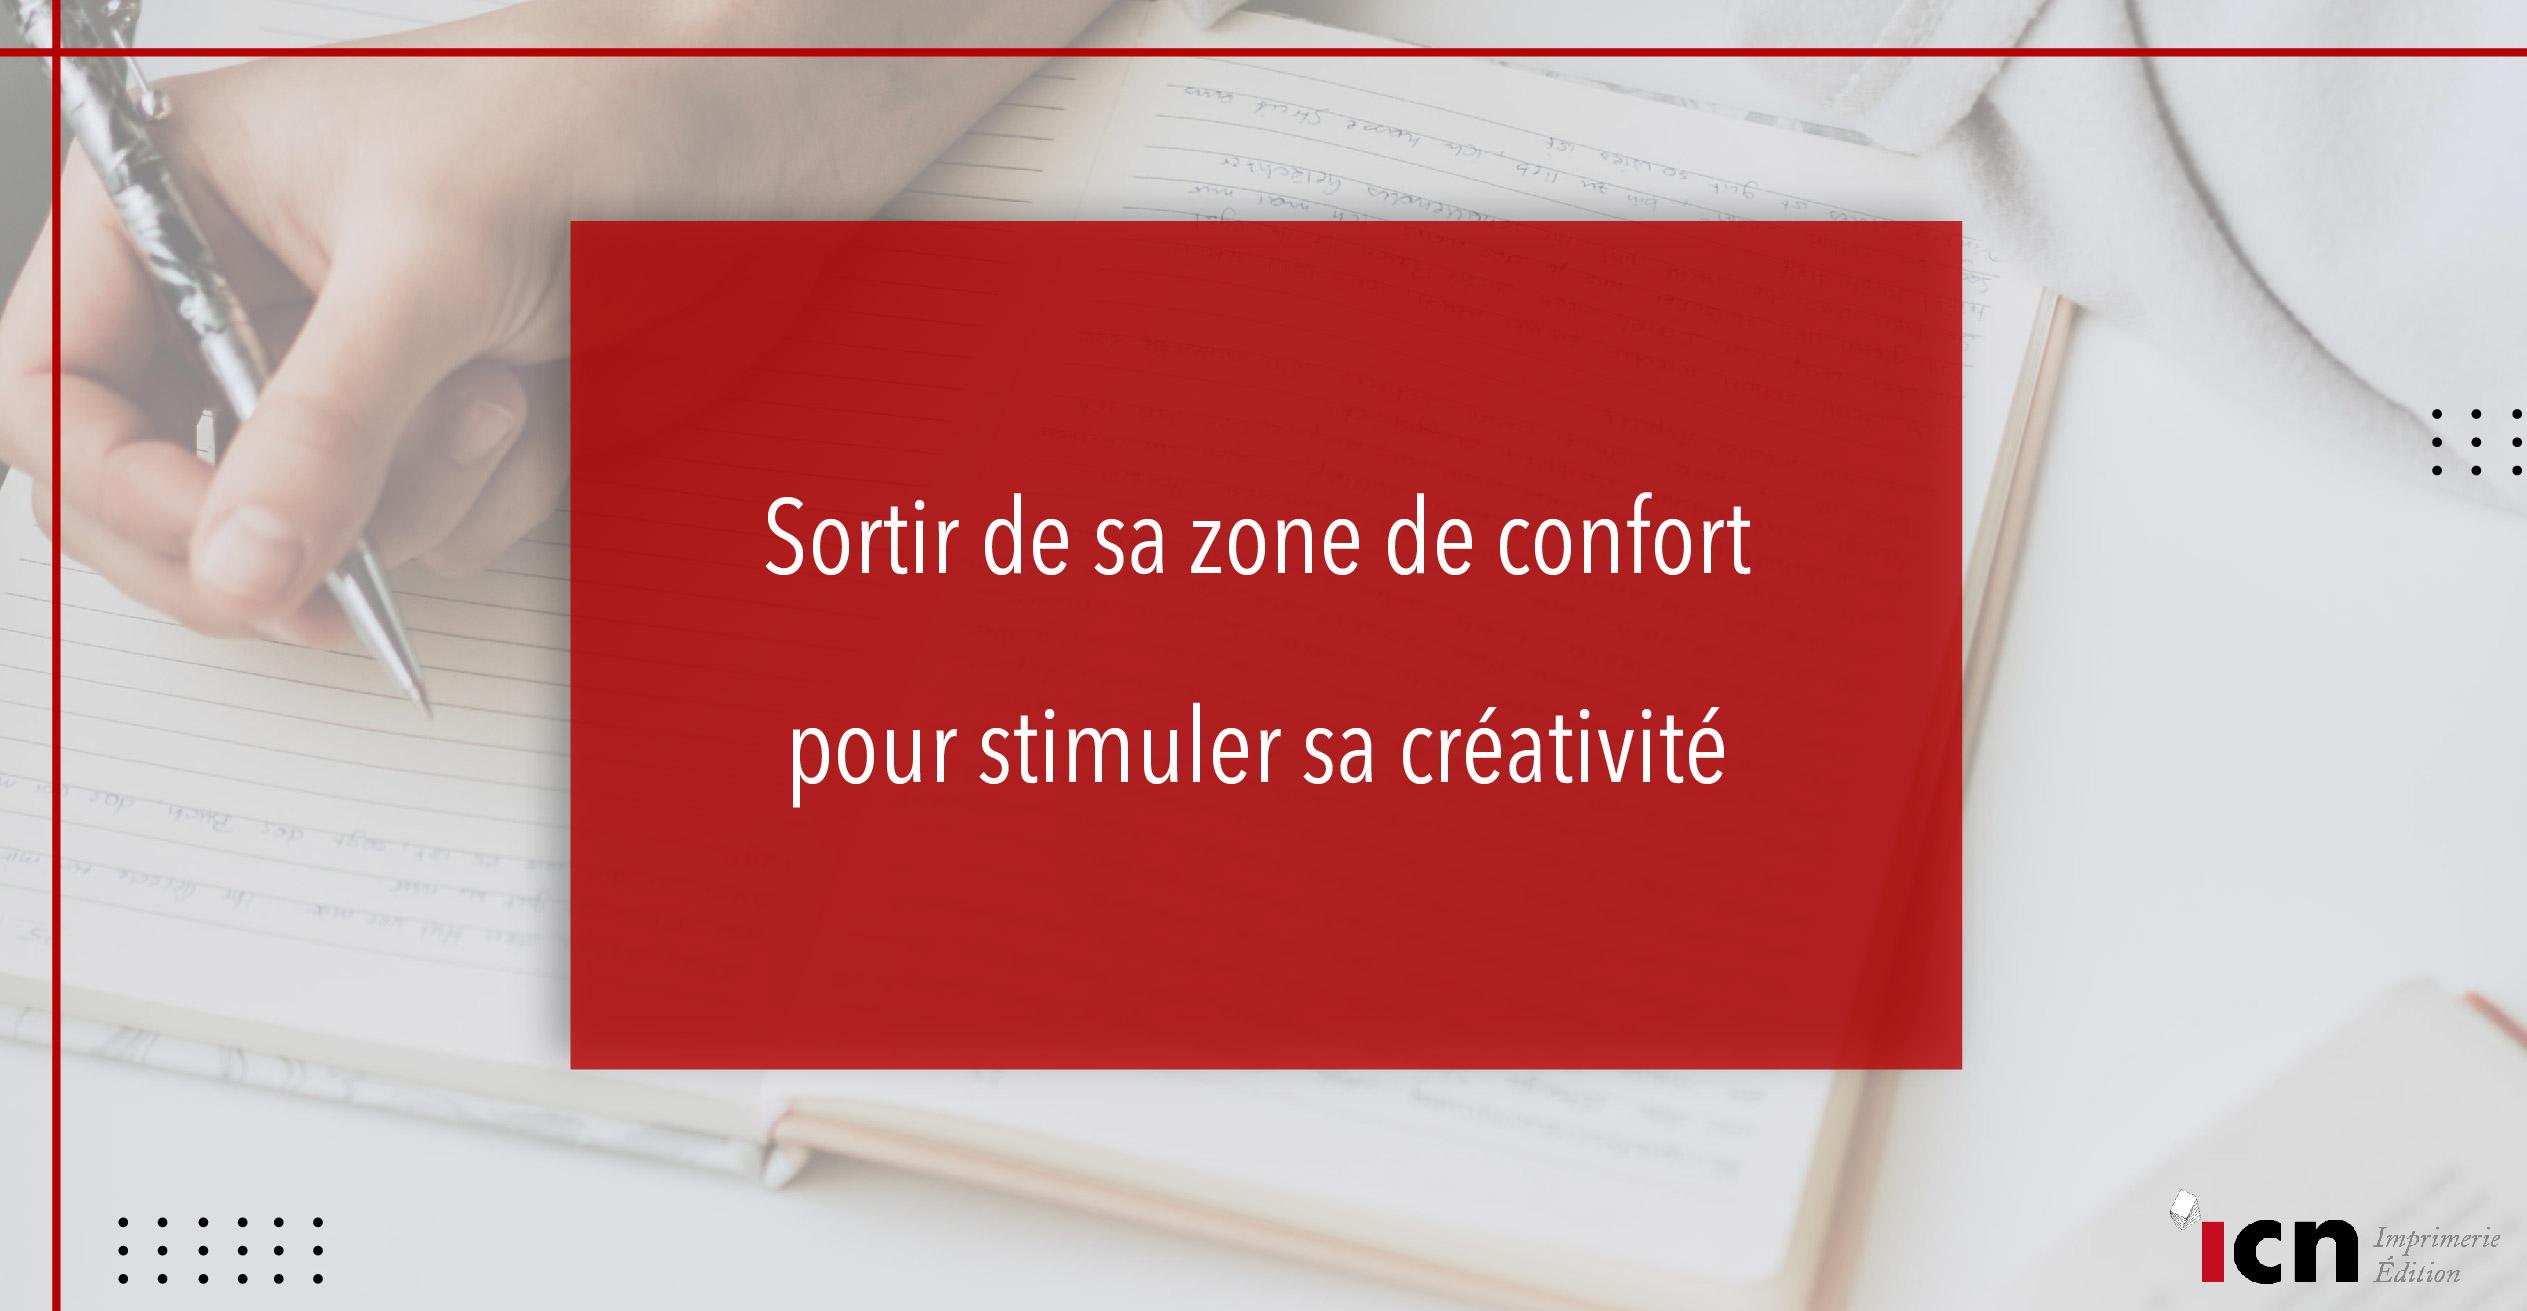 Sortir de sa zone de confort pour stimuler sa créativité